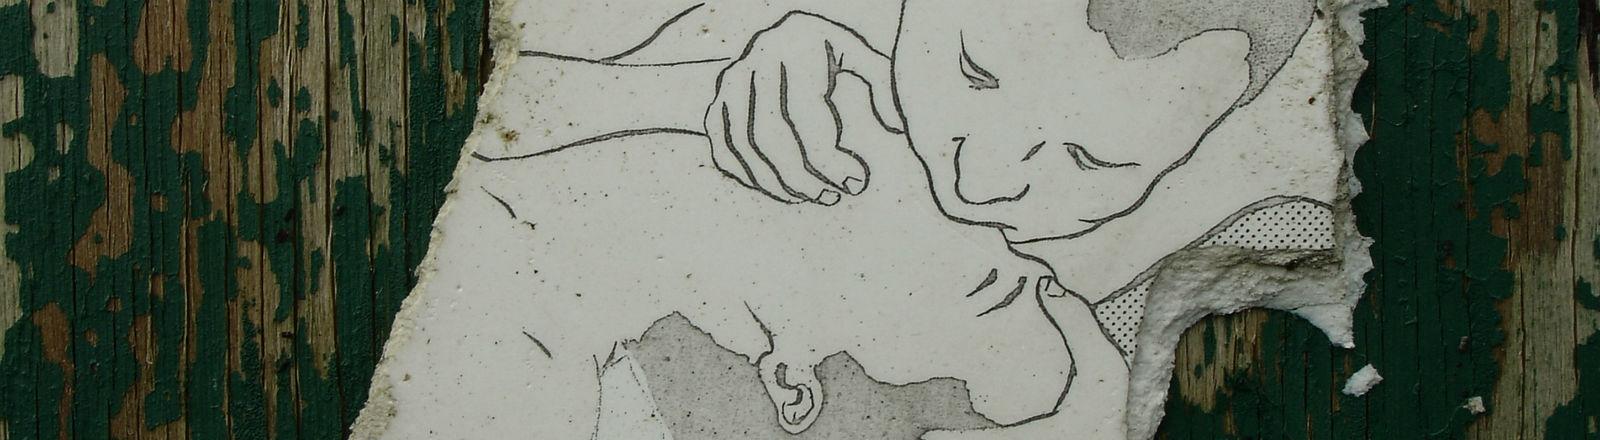 Eine Scherbe mit einer Zeichnung: Ein Mann beatmet einen anderen.